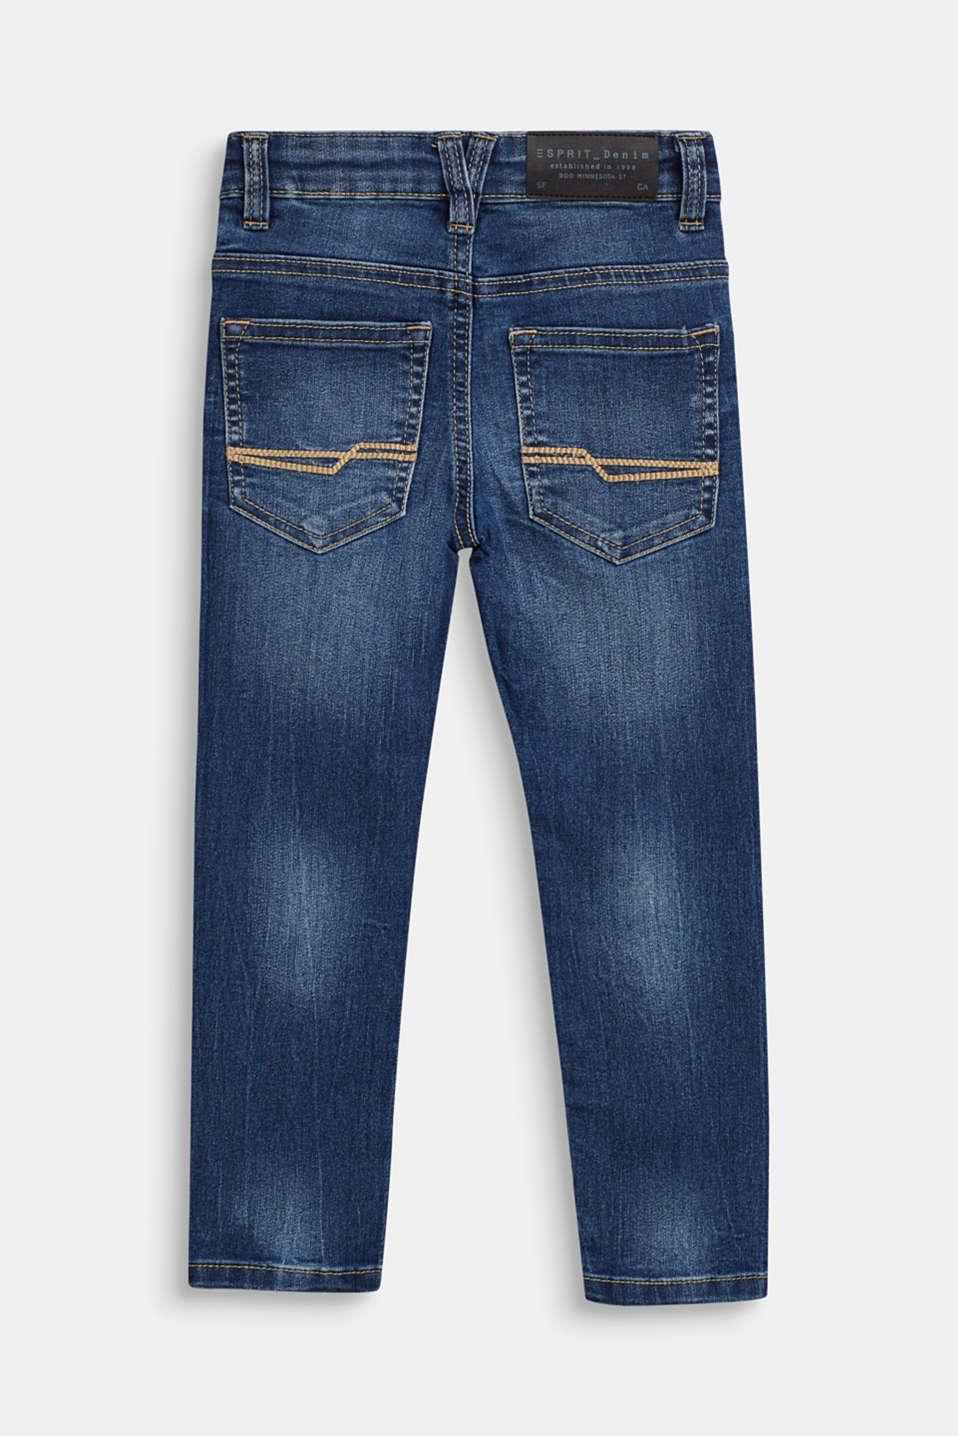 Vintage-look stretch jeans, MEDIUM WASH DE, detail image number 1